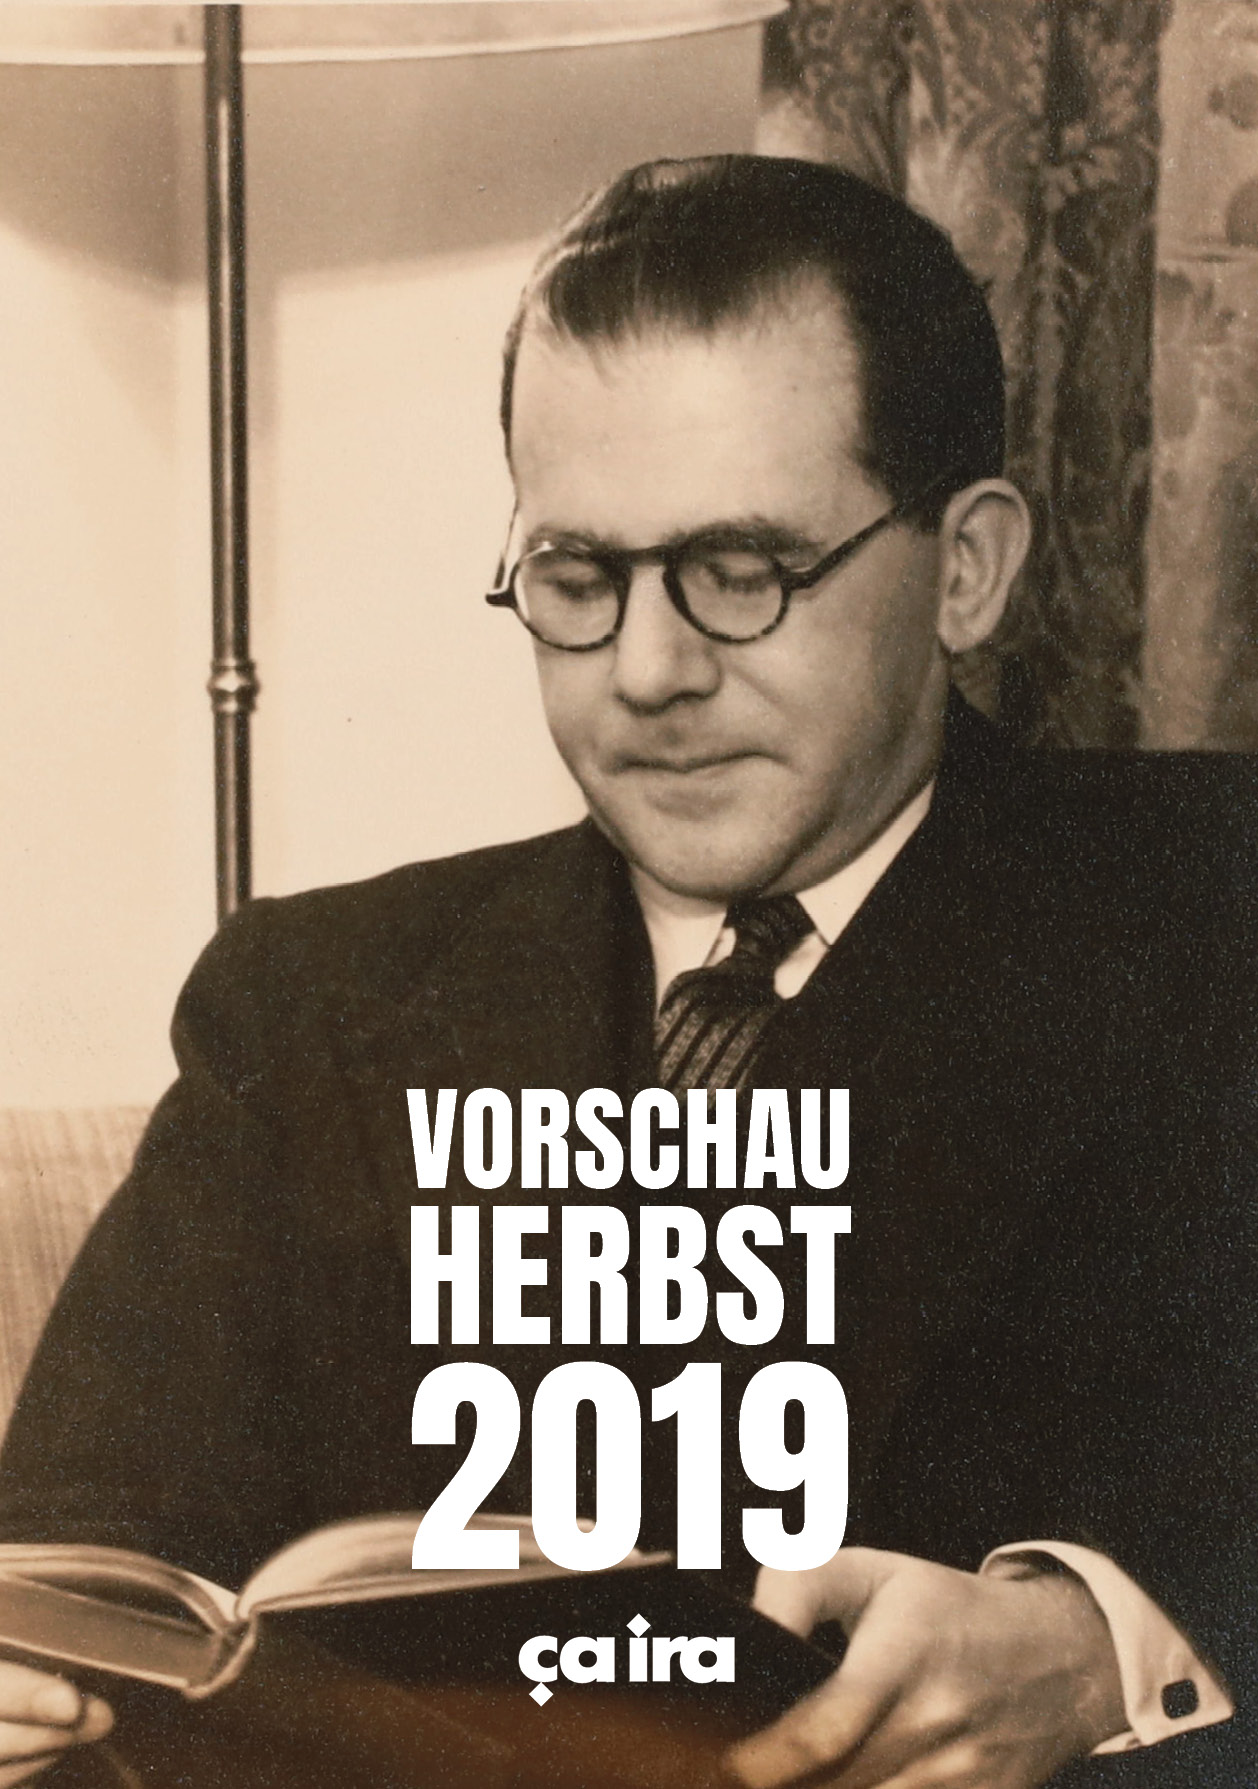 Vorschau_Herbst 2019